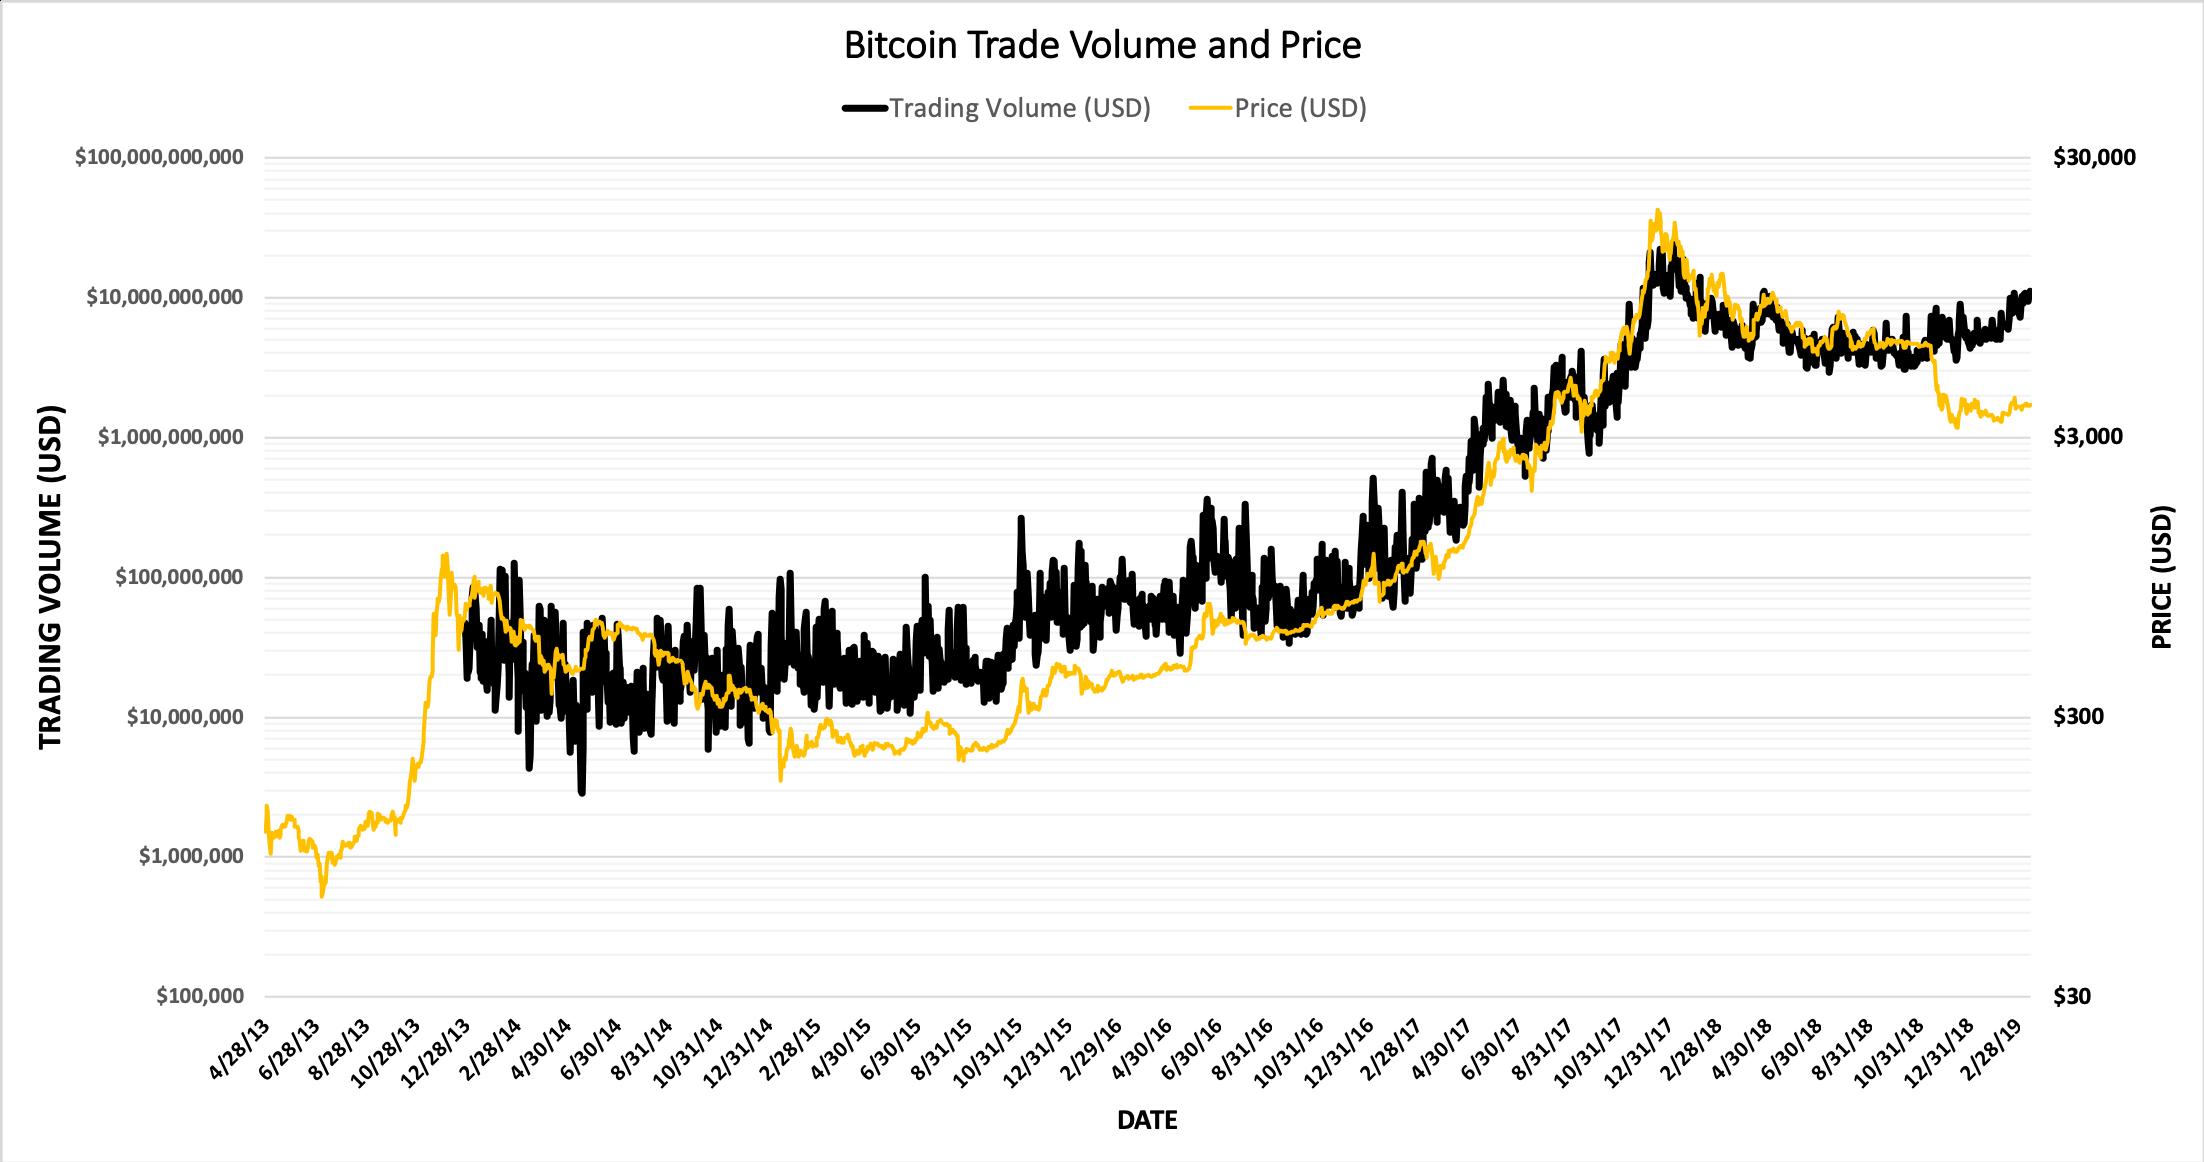 ビットコインの価格と取引量の推移